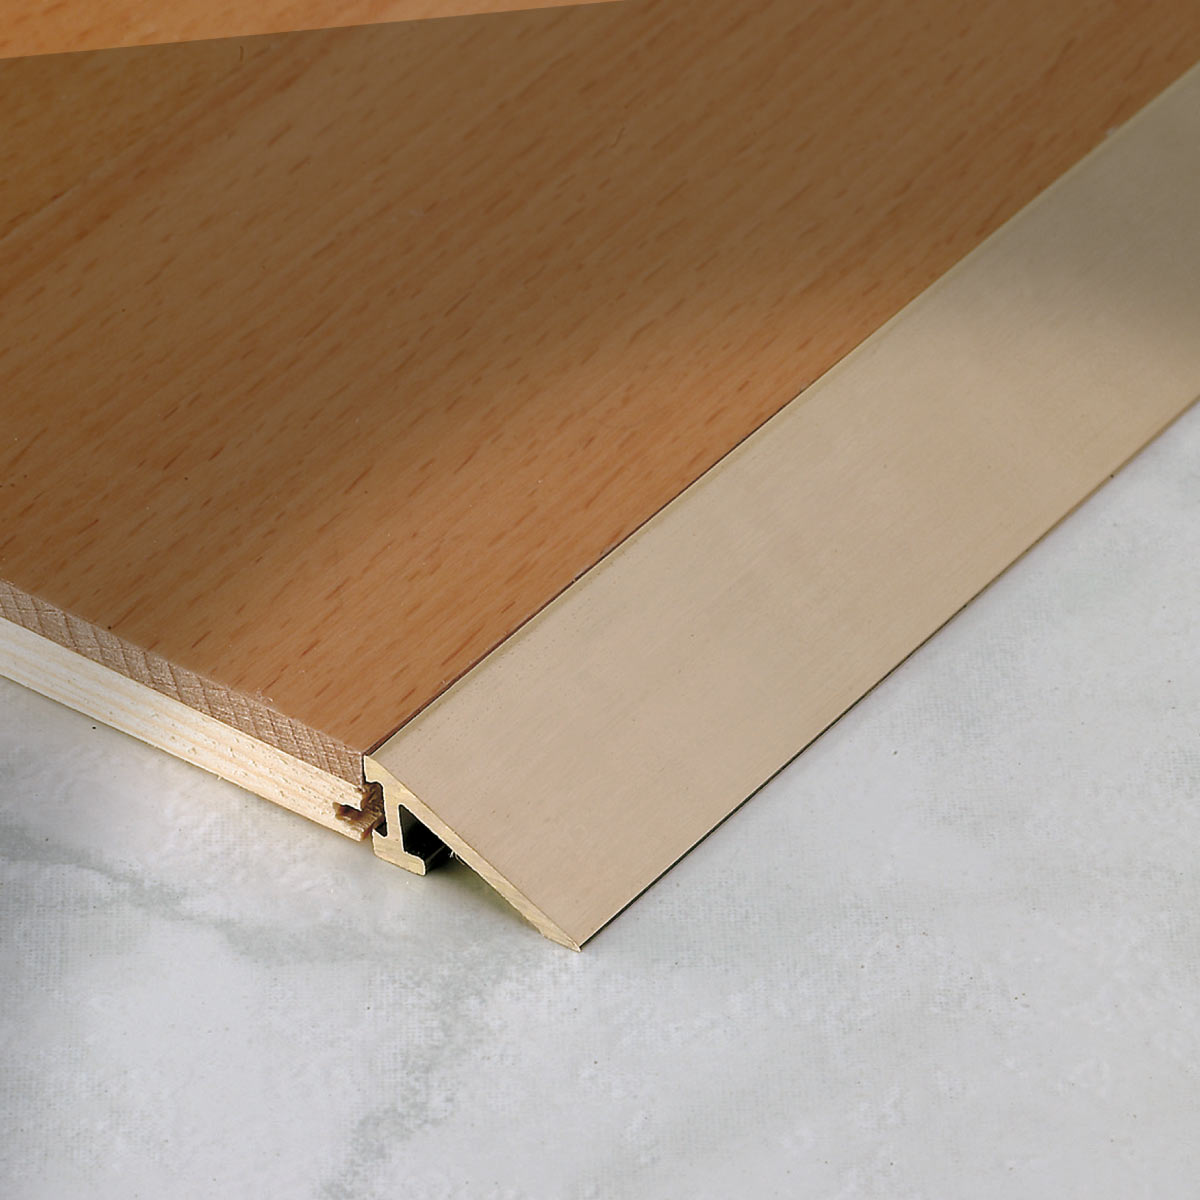 Profili per pavimenti Leveltec ZP 100 OL Profilitec